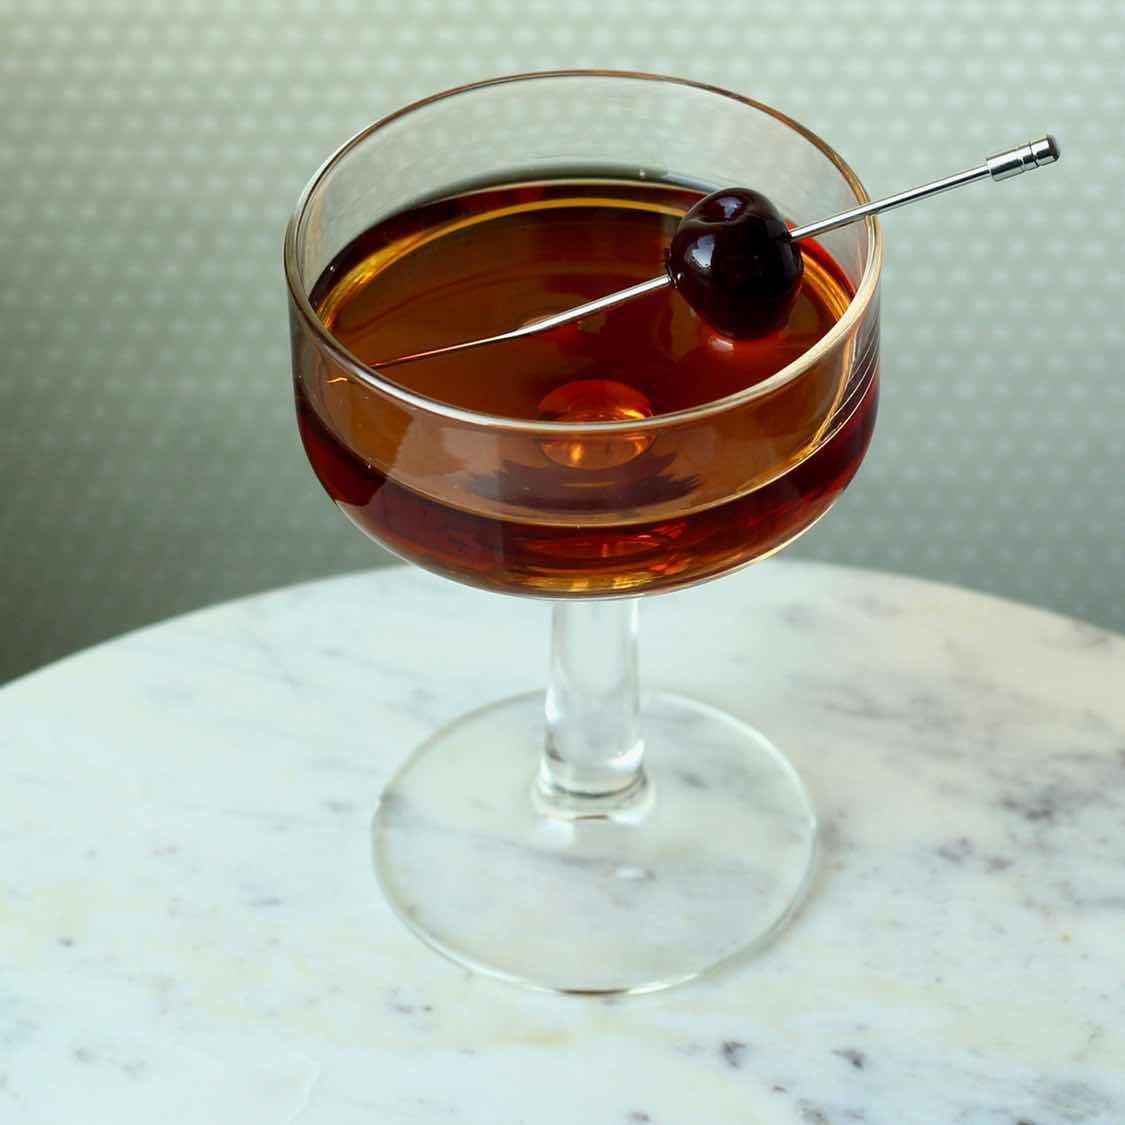 Harvard Cocktail - Original 1906 George Kappeler Recipe